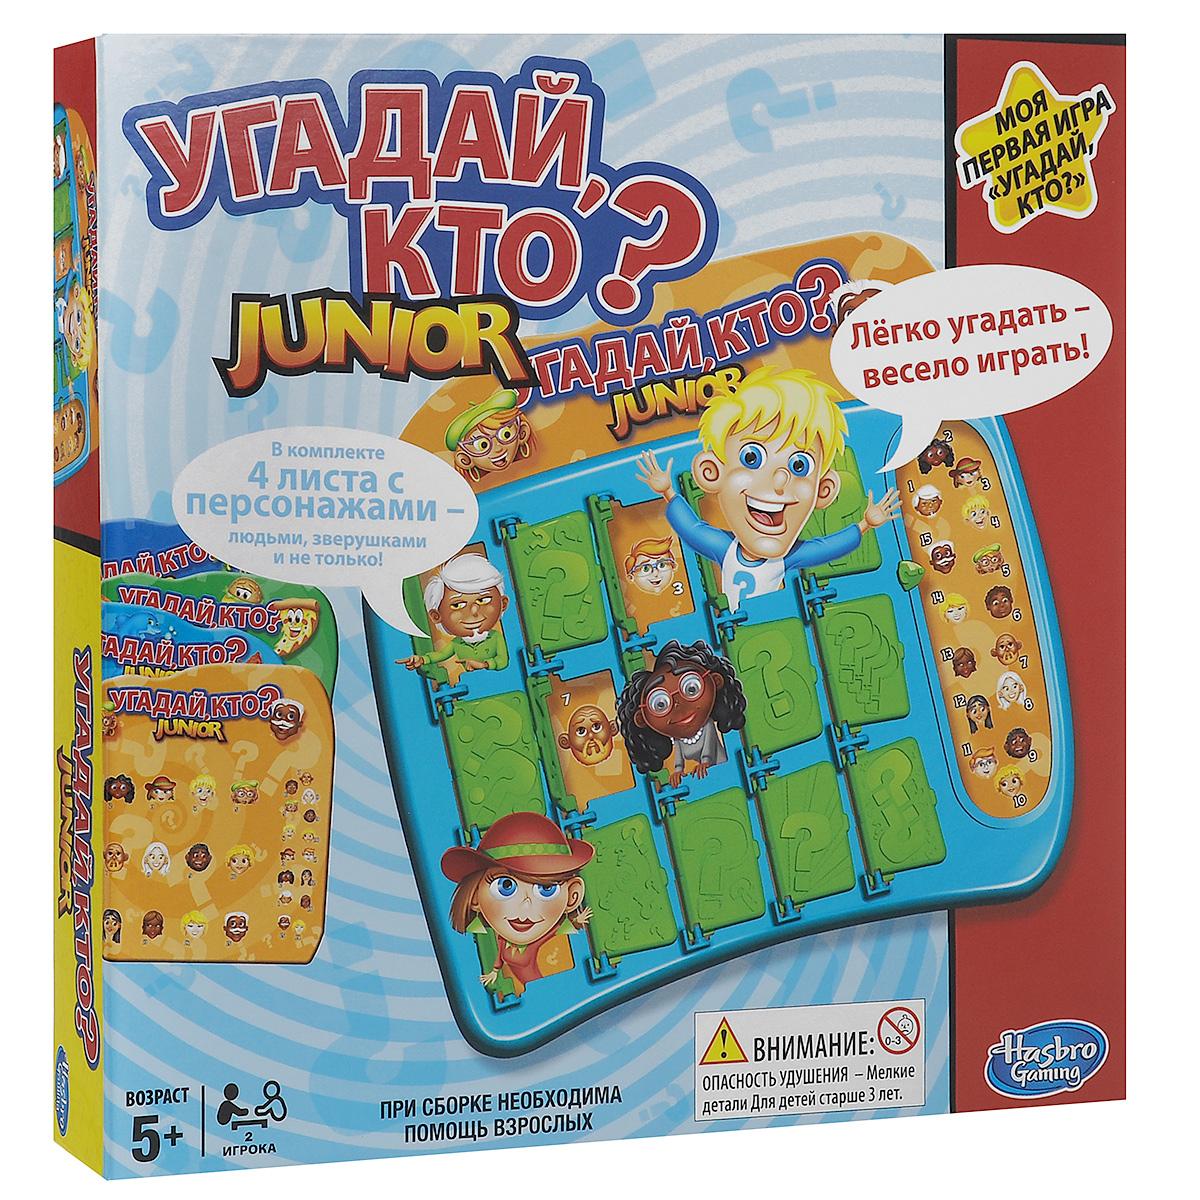 Hasbro Games настольная игра Угадай, кто?. B2923B2923121Настольная игра Угадай кто? от Hasbro - замечательный способ весело провести время, развивая память и аналитические способности у детей от 5-ти лет, а удобный дорожный формат игры замечательно подходит для похода в гости или путешествия. Цель игры Угадай, кто? состоит в том, чтобы угадать персонажа, изображенного на карточке вашего партнера. Победитель передвигает свой маркер на одну позицию каждый раз, когда выигрывает. В наборе имеется 2 игровых поля, 4 листа с карточками персонажей, 2 указателя выбранного персонажа, правила игры.